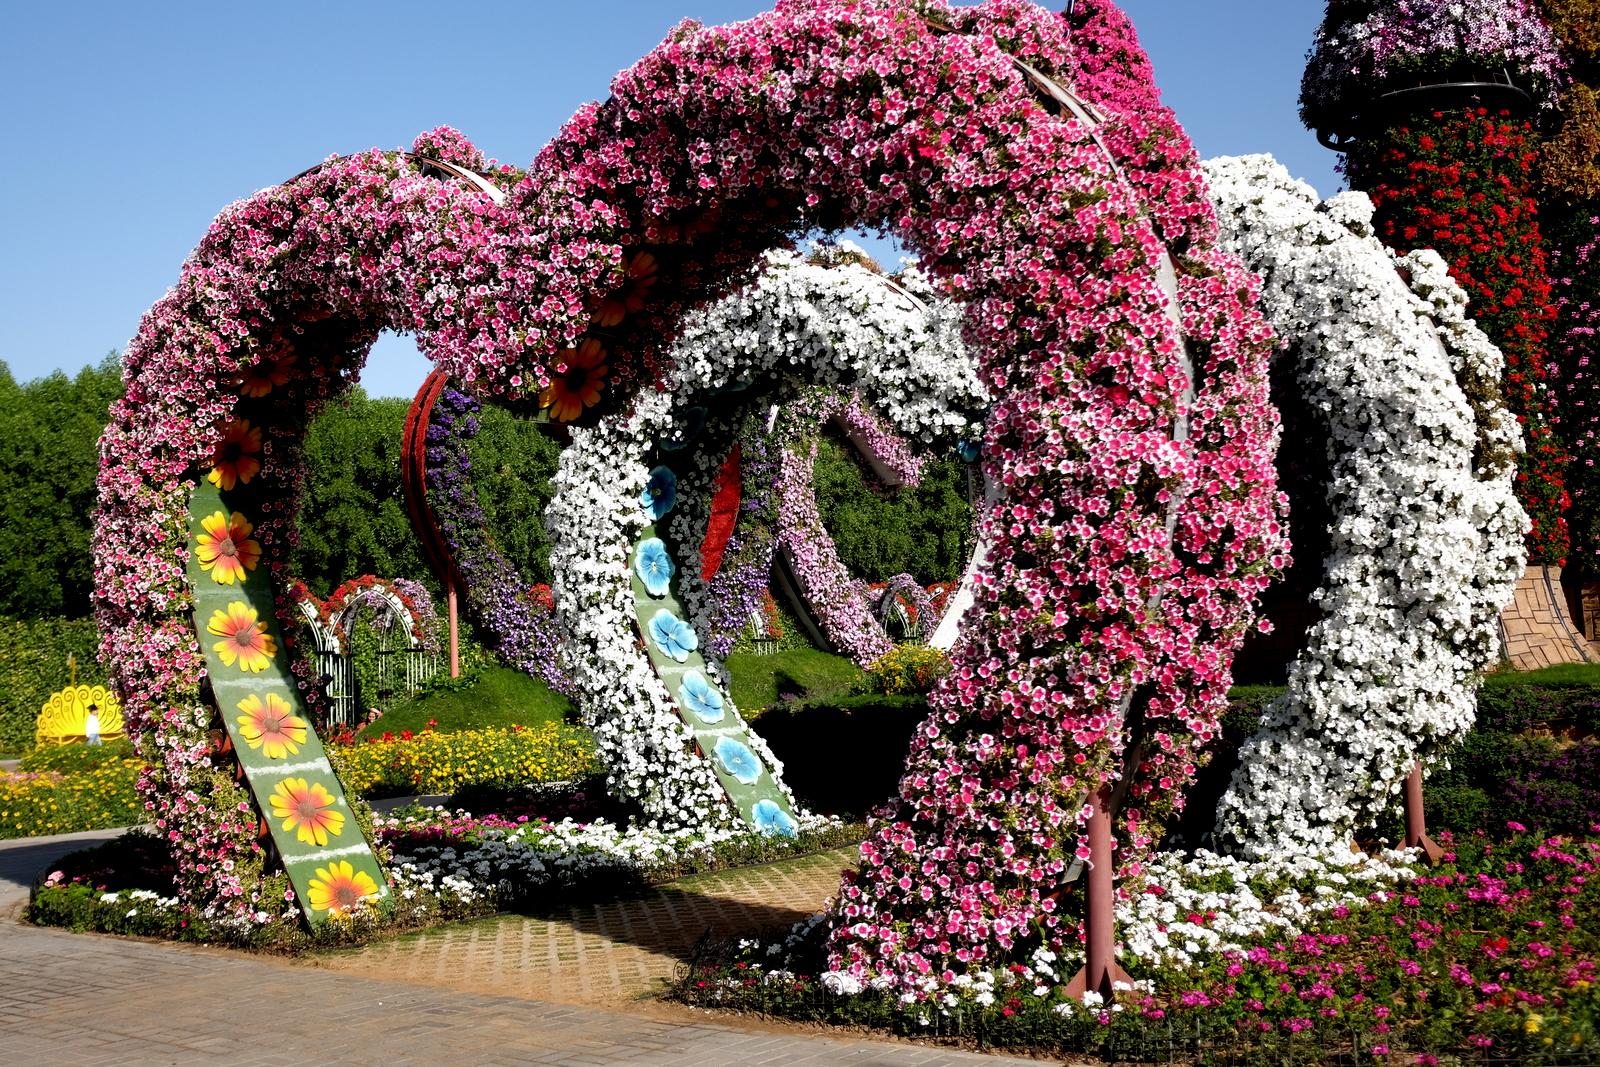 Dubai Miracle Garden - Hearts